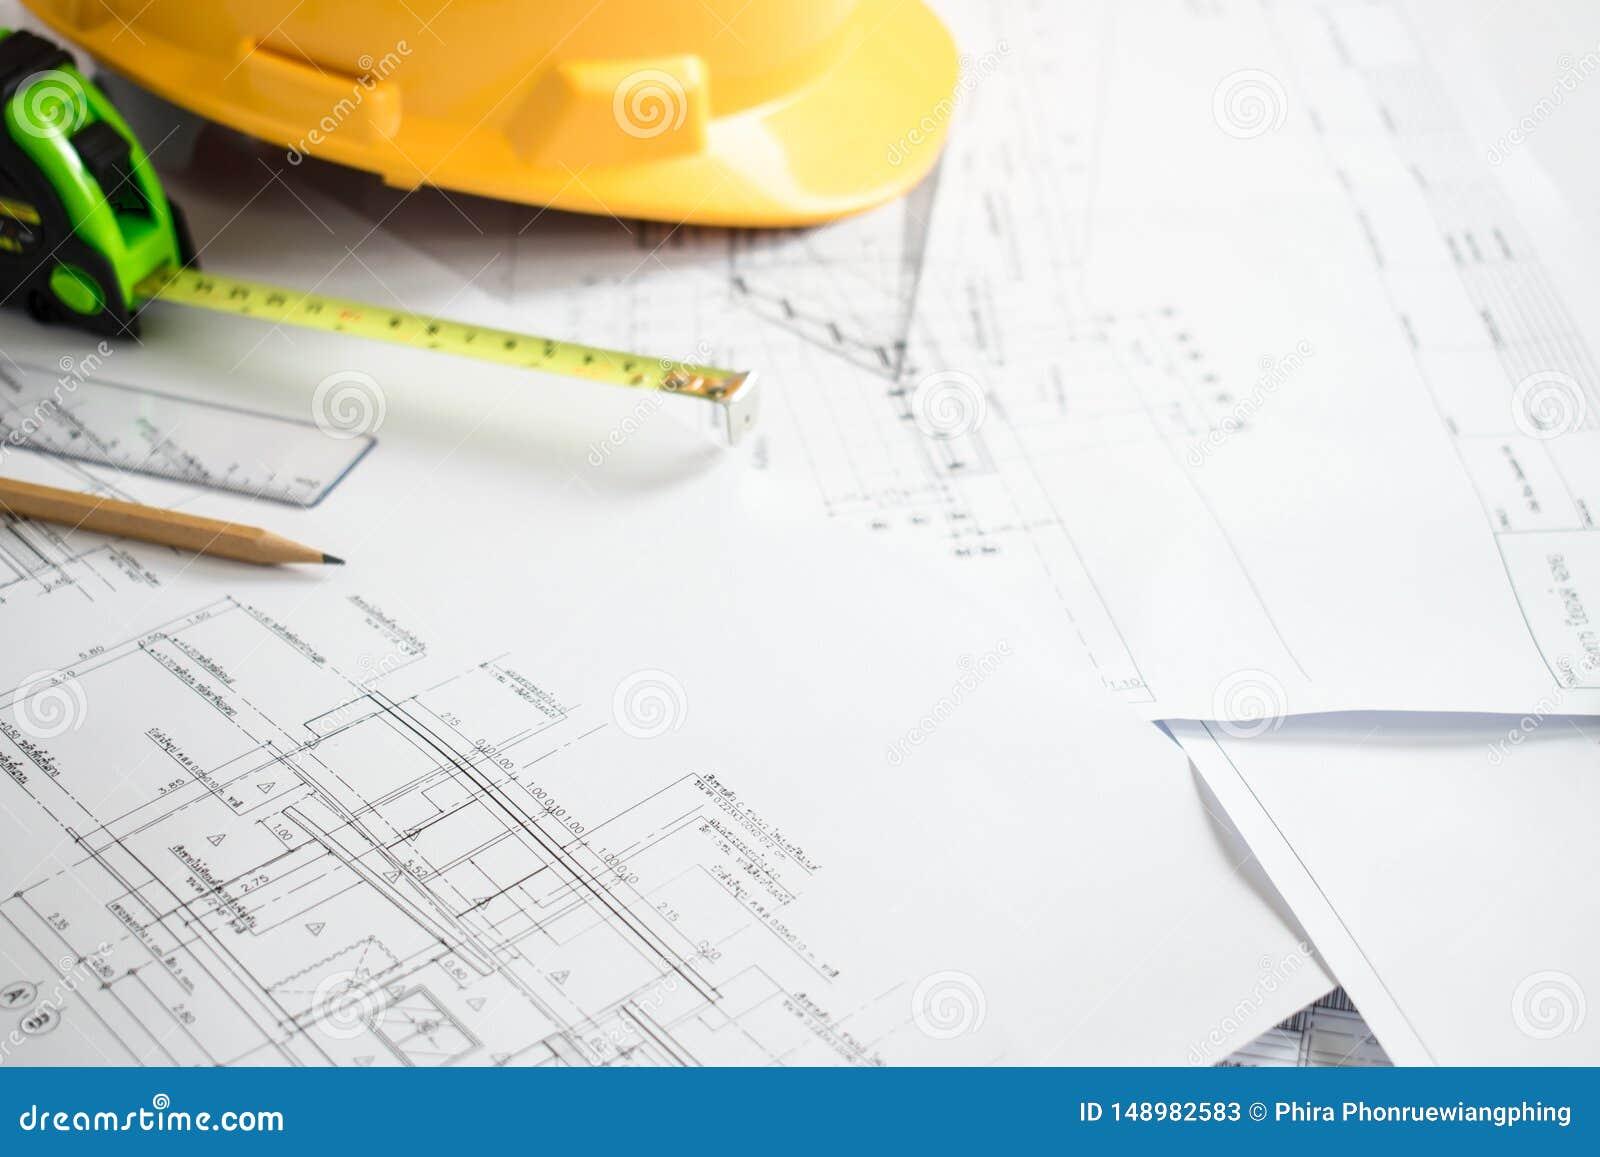 Bouw planning en ontwerp